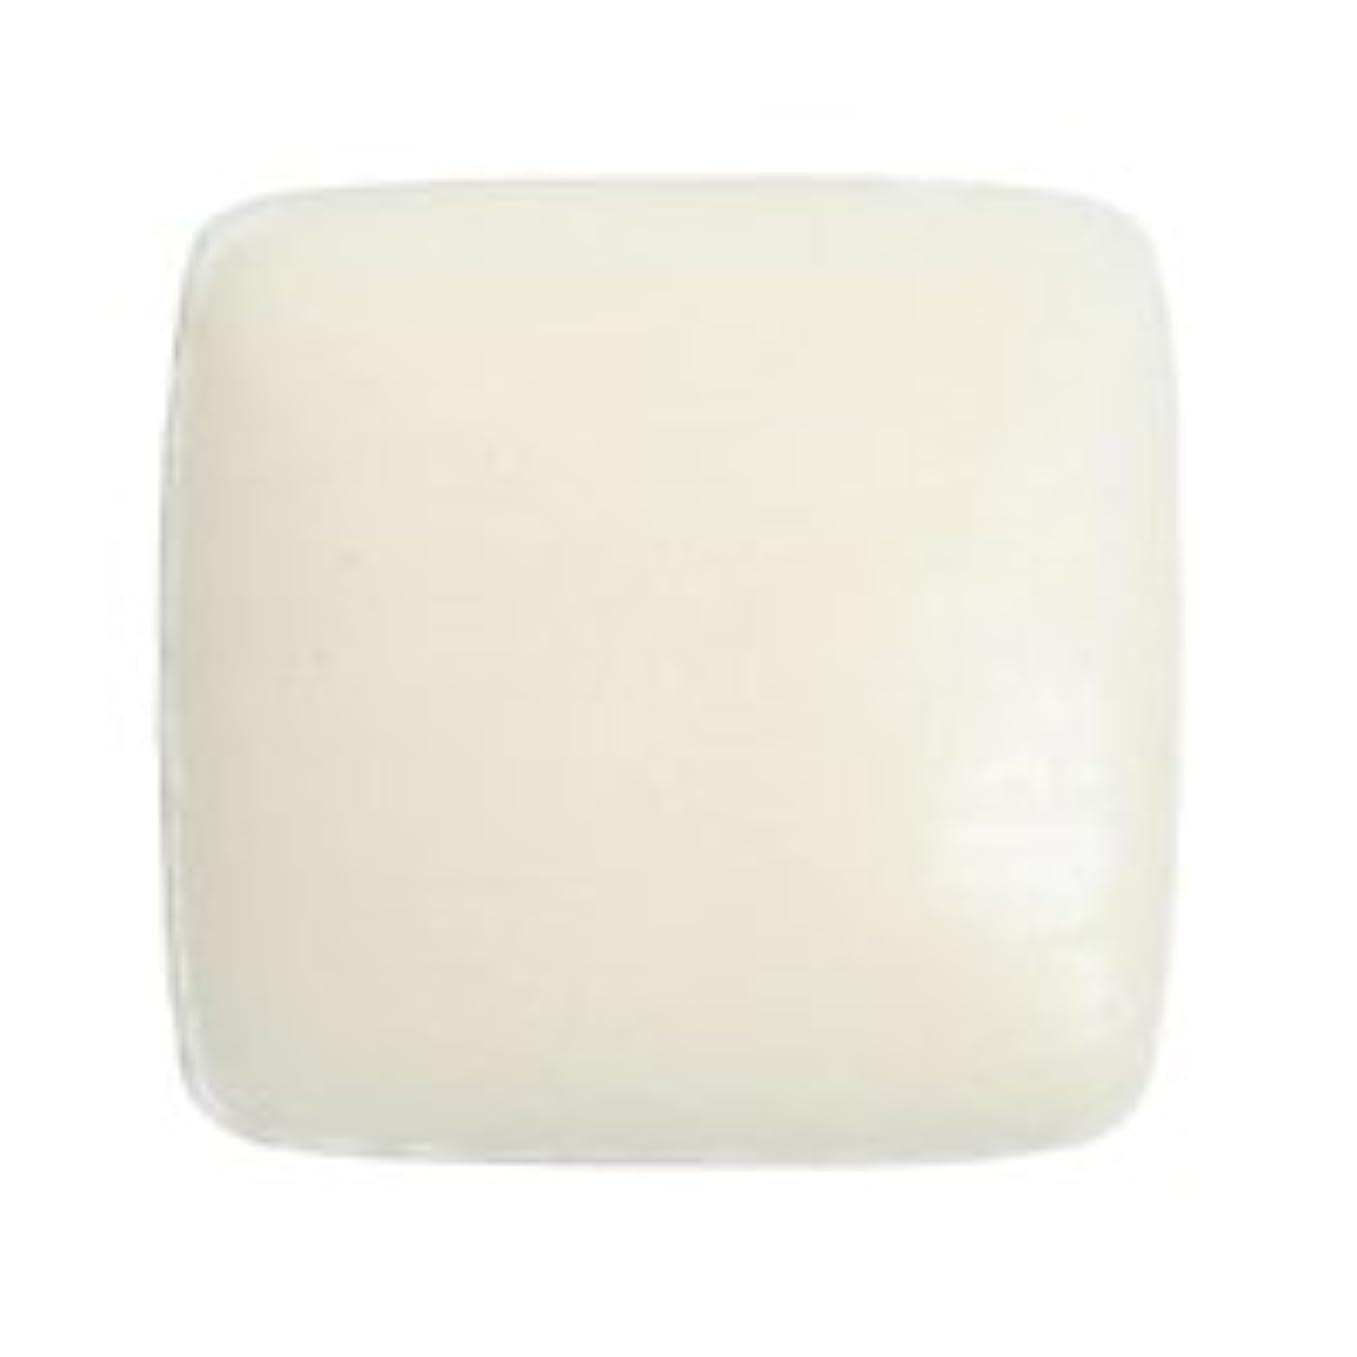 余裕がある個性郵便屋さんドクターY ホワイトクレイソープ80g 固形石鹸